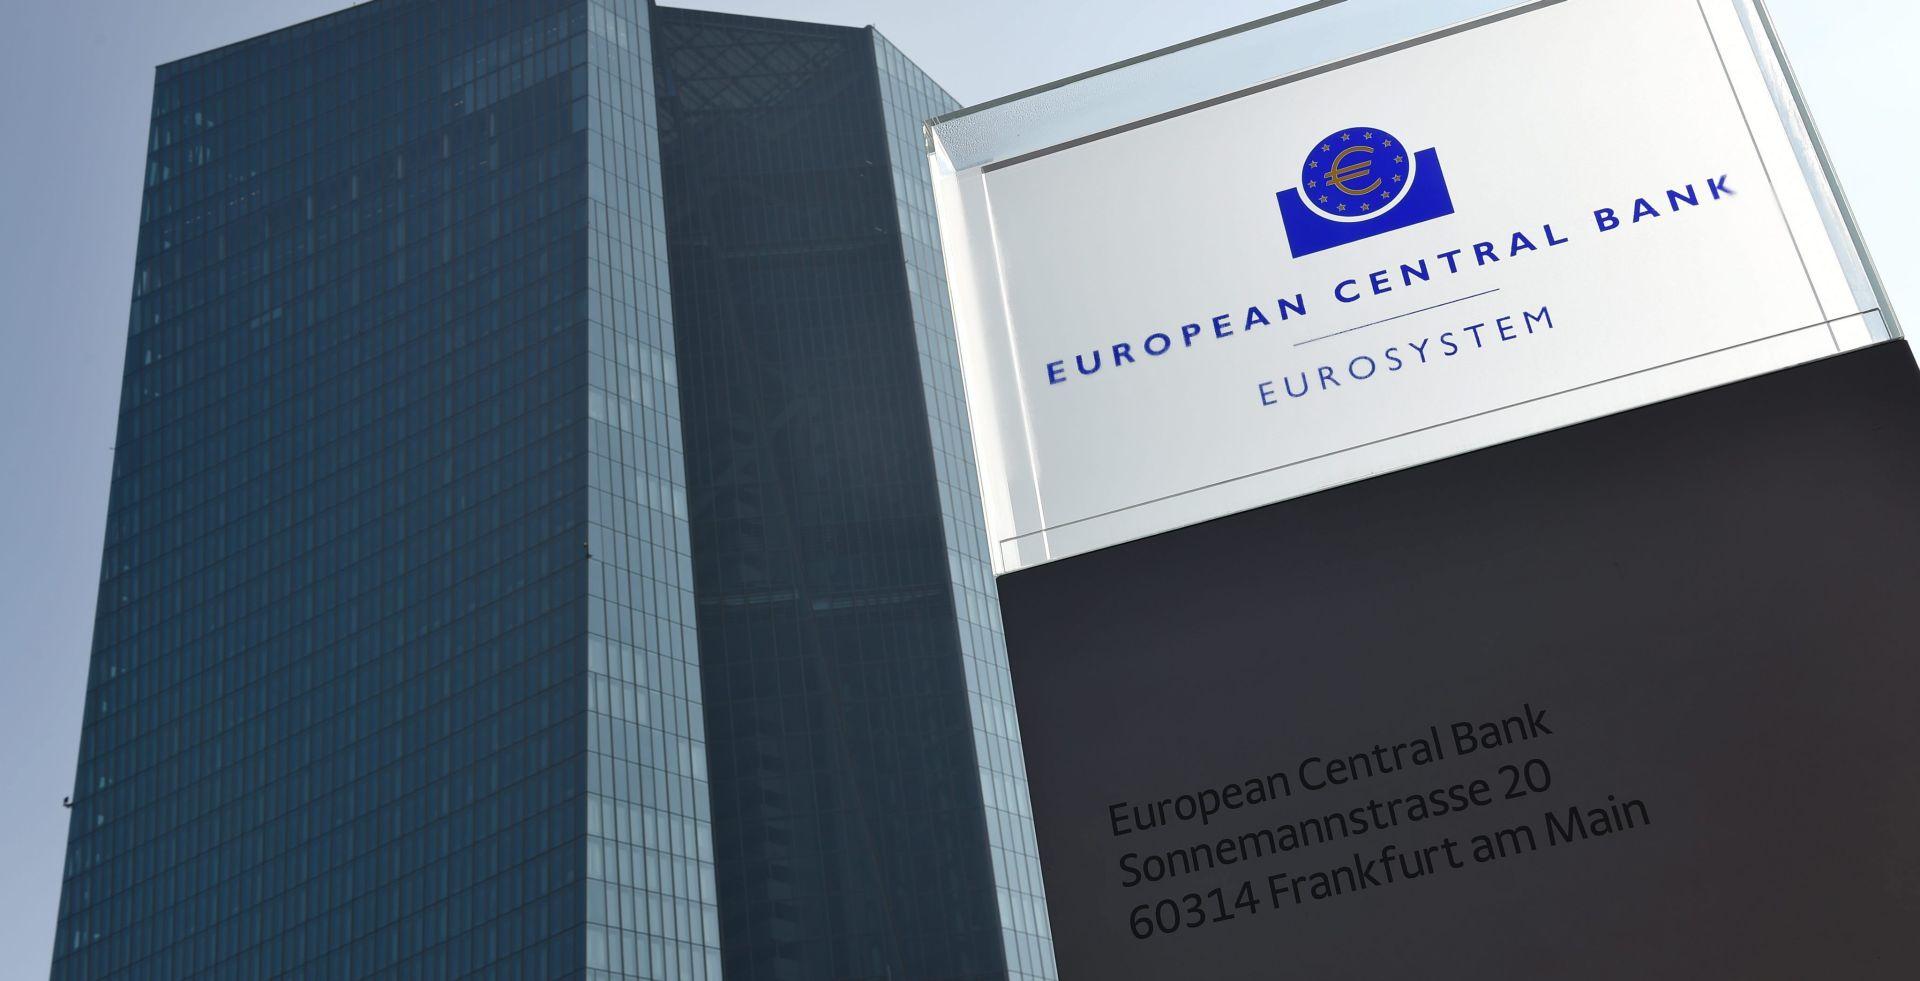 Njemački Scope želi od ECB-a status kao i vodeće svjetske rejting agencije